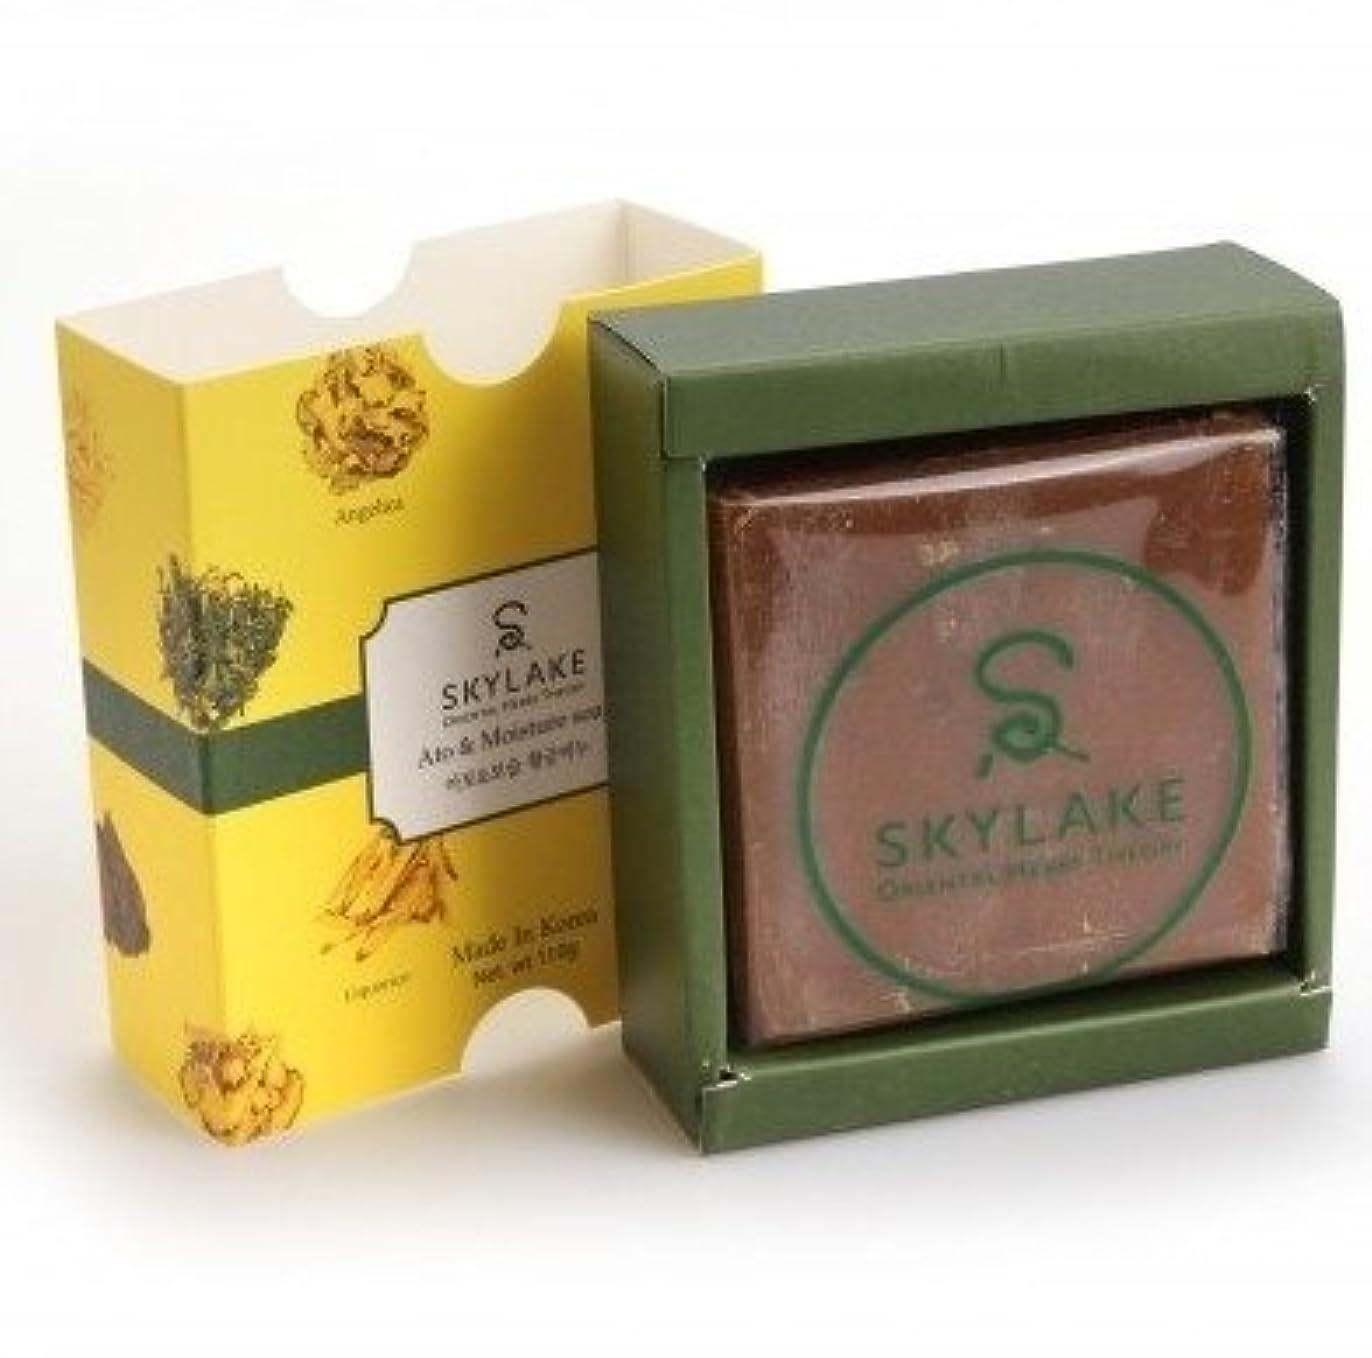 イル過激派可愛い[1+1]ハヌルホス[Skylake] 漢方アロマ石鹸Oriental Herbs Theory Soap (アト・保湿用)